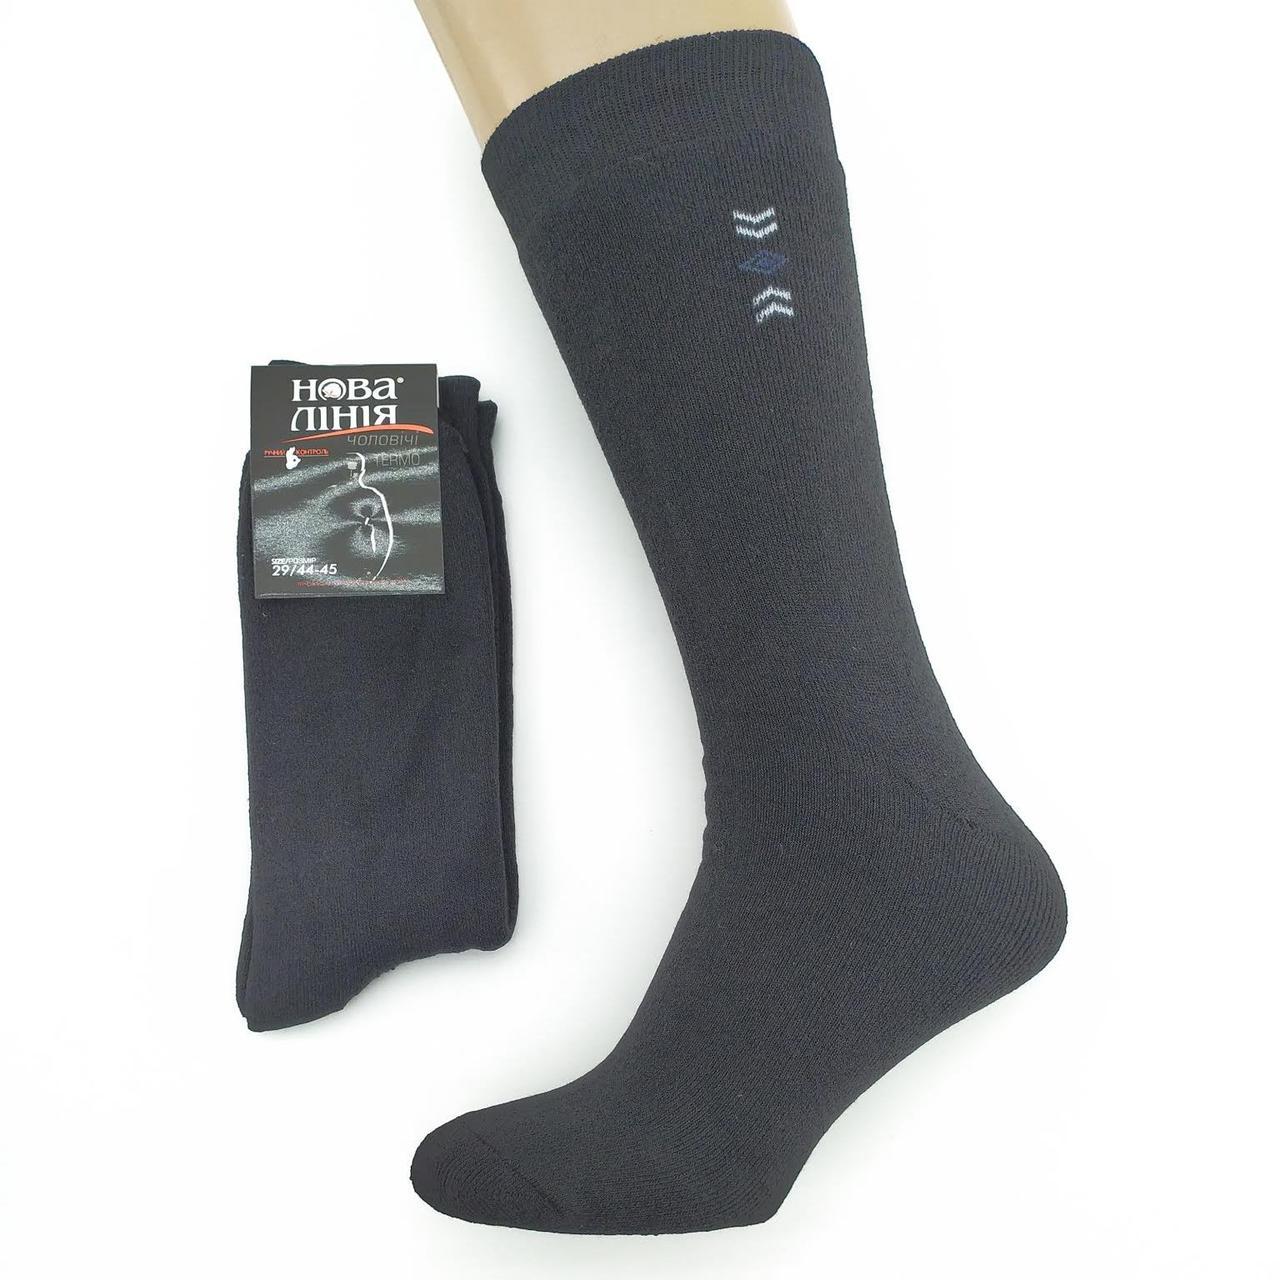 Носки мужские махровые термо высокие Новая Линия 29р черные 20035938